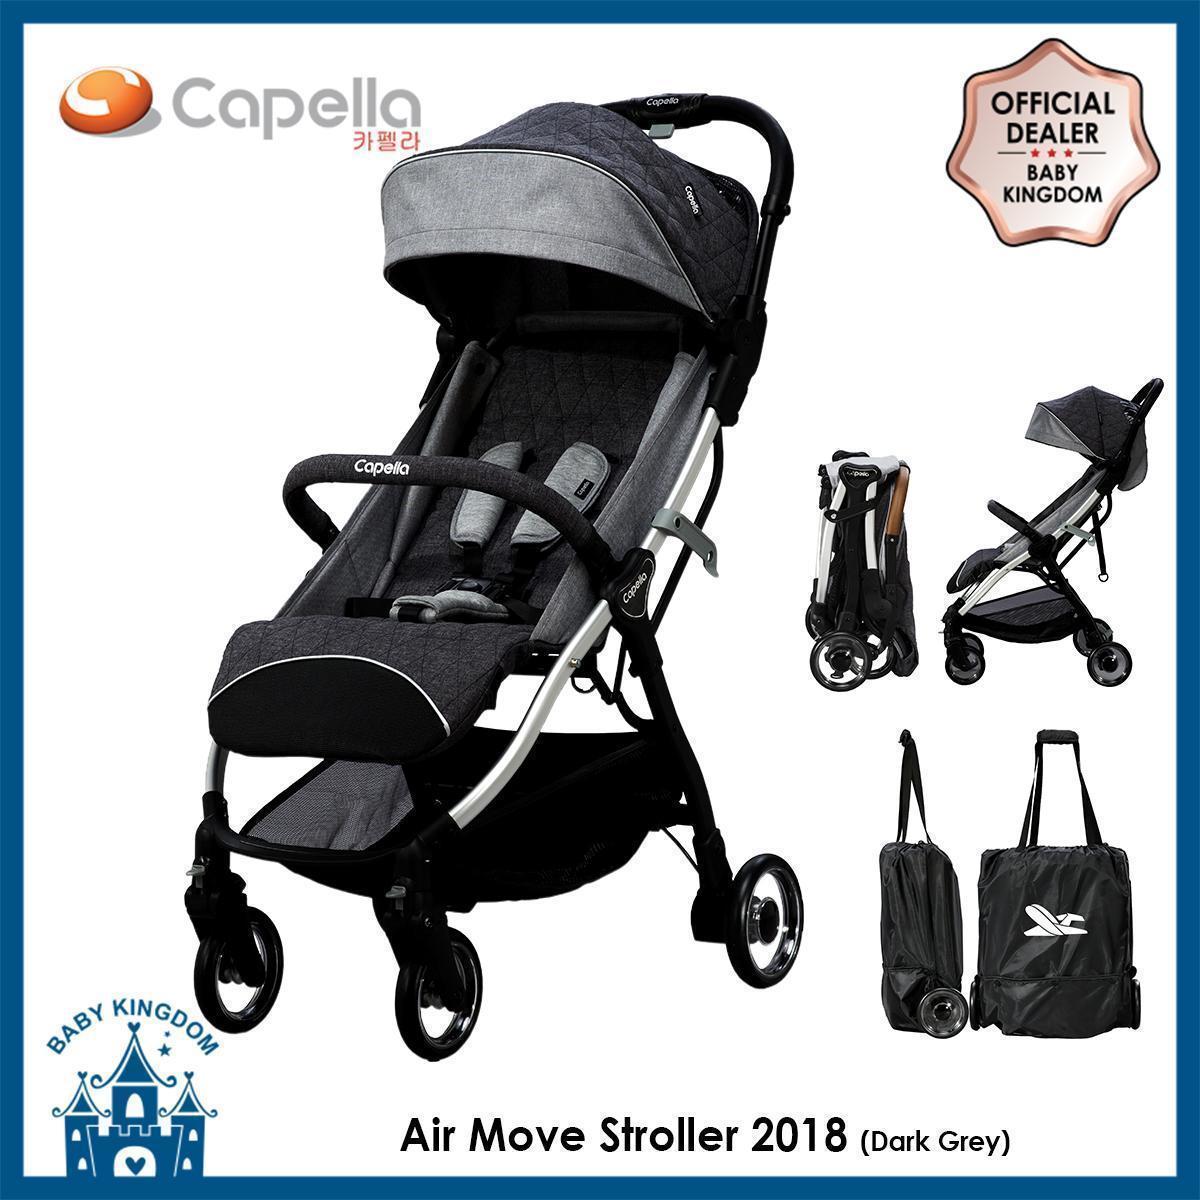 Stroller Capella S 803: description, photos, reviews 100